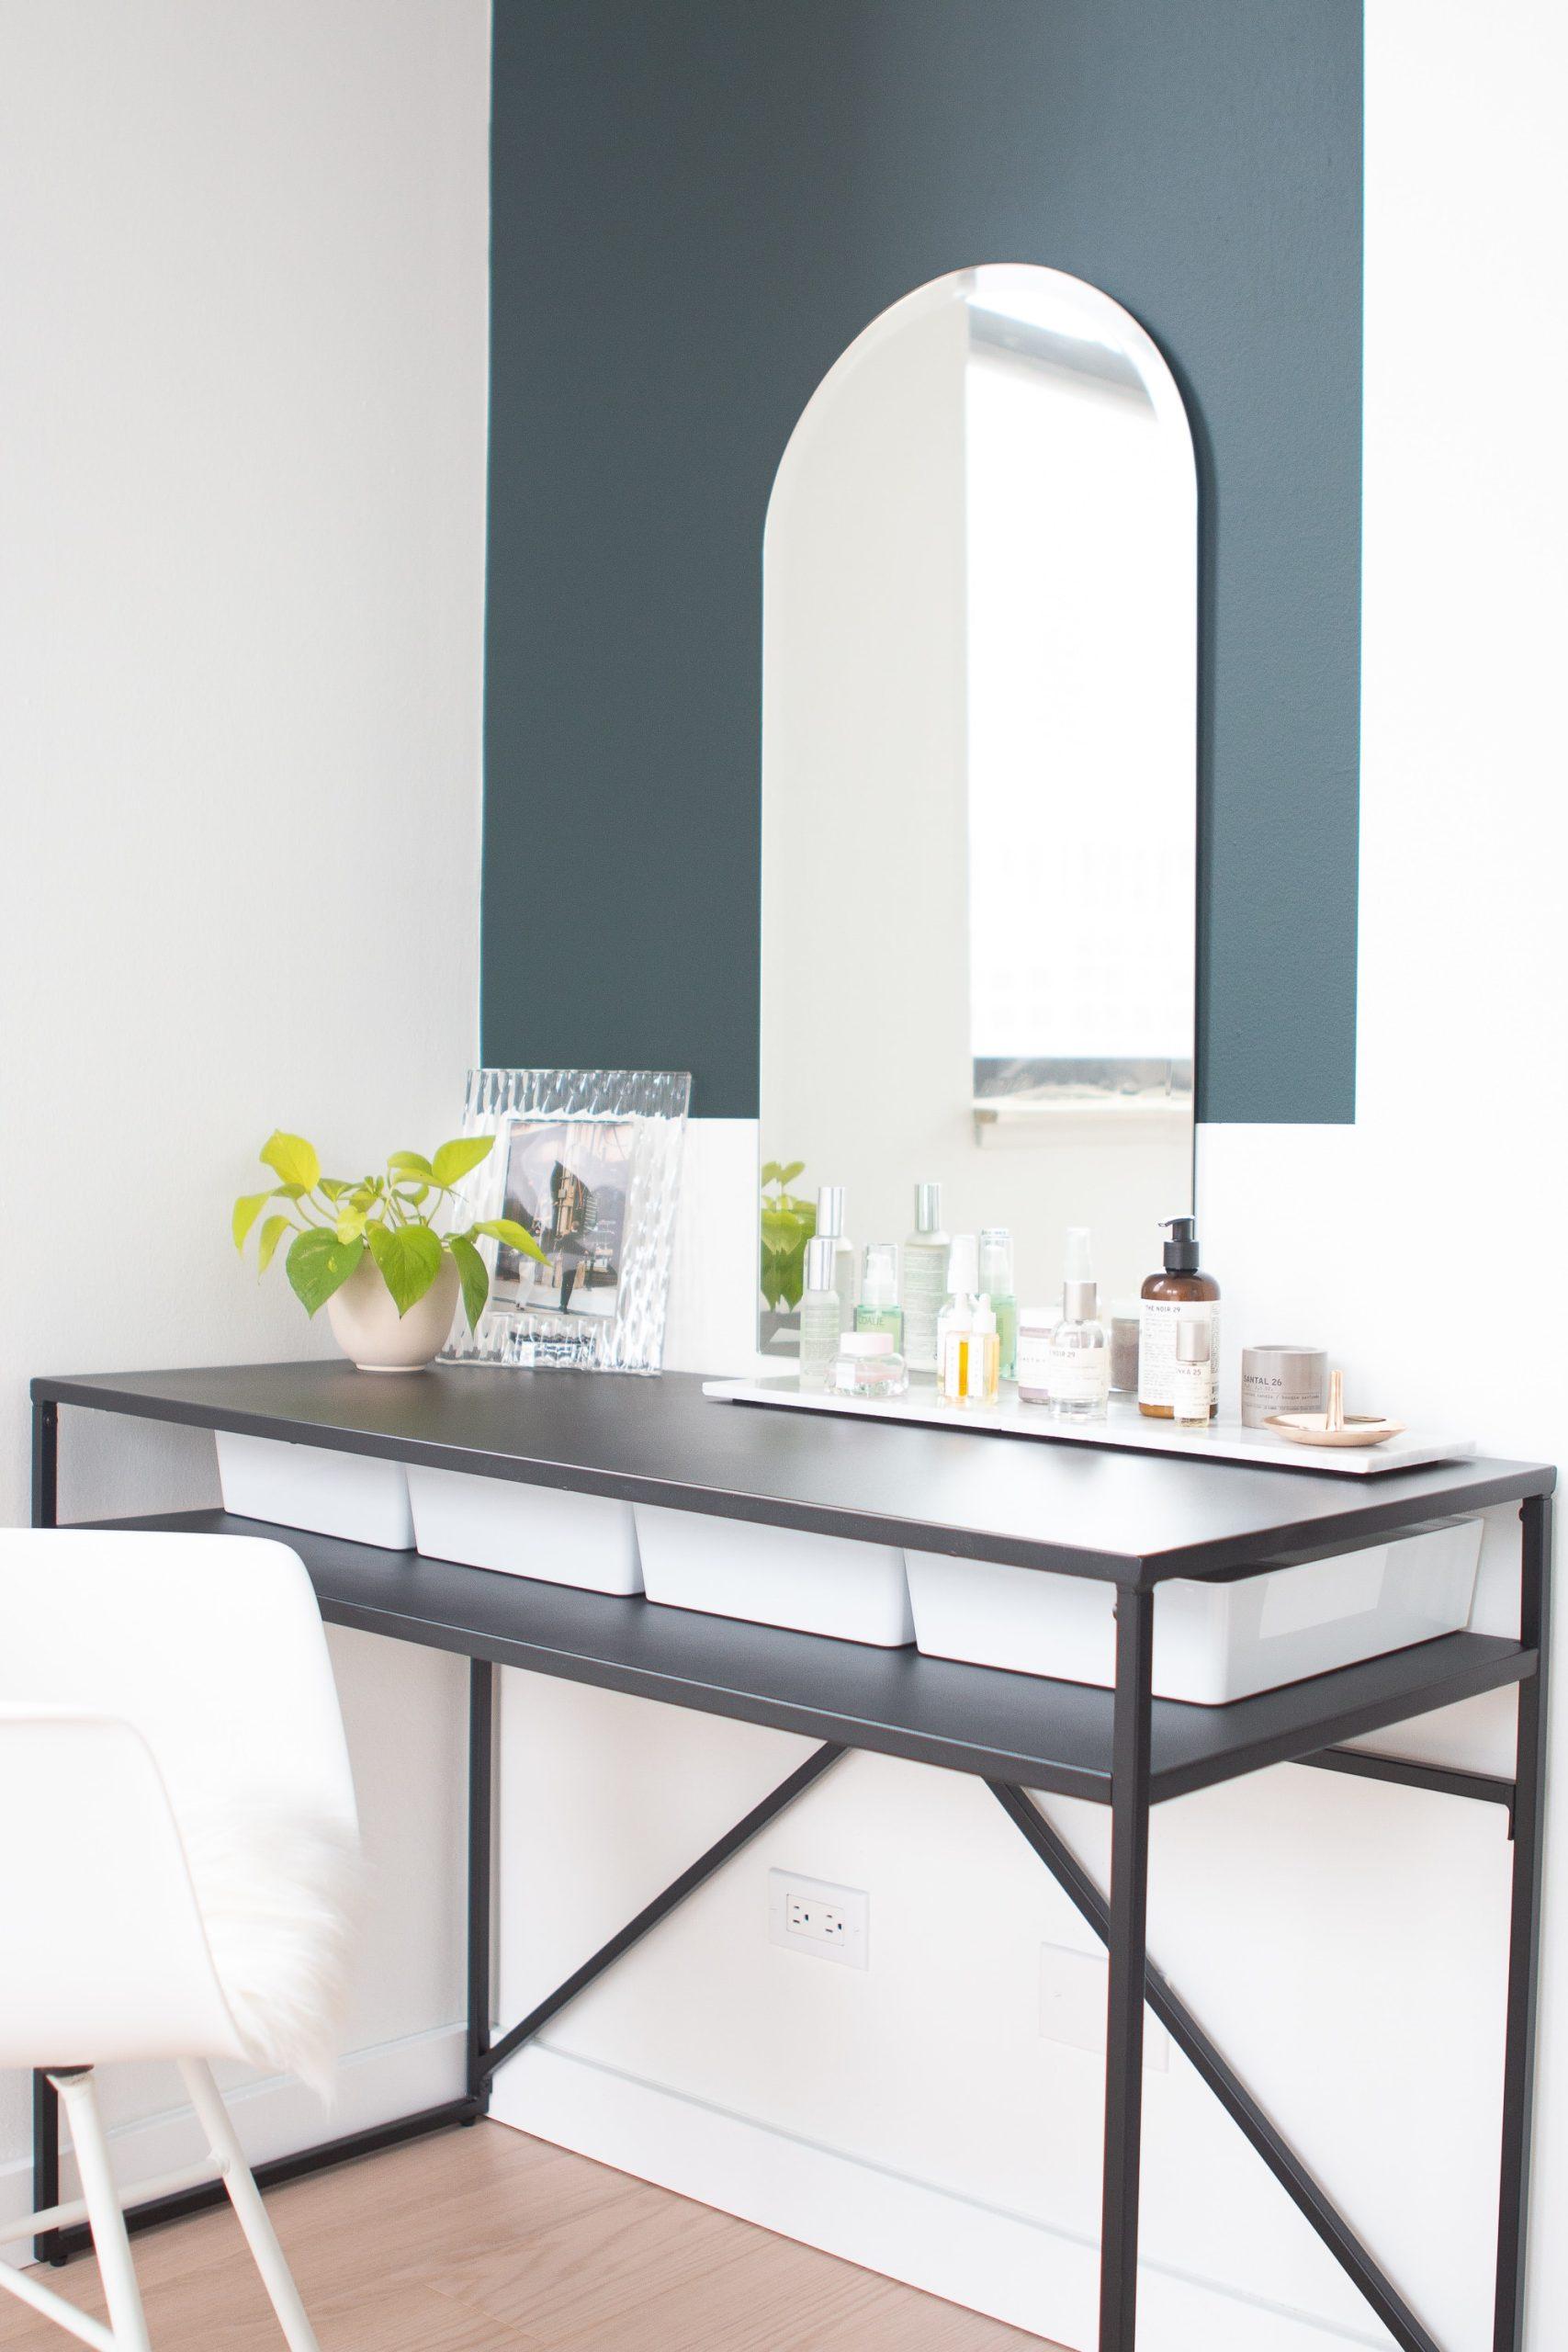 Vanity table in a bedroom